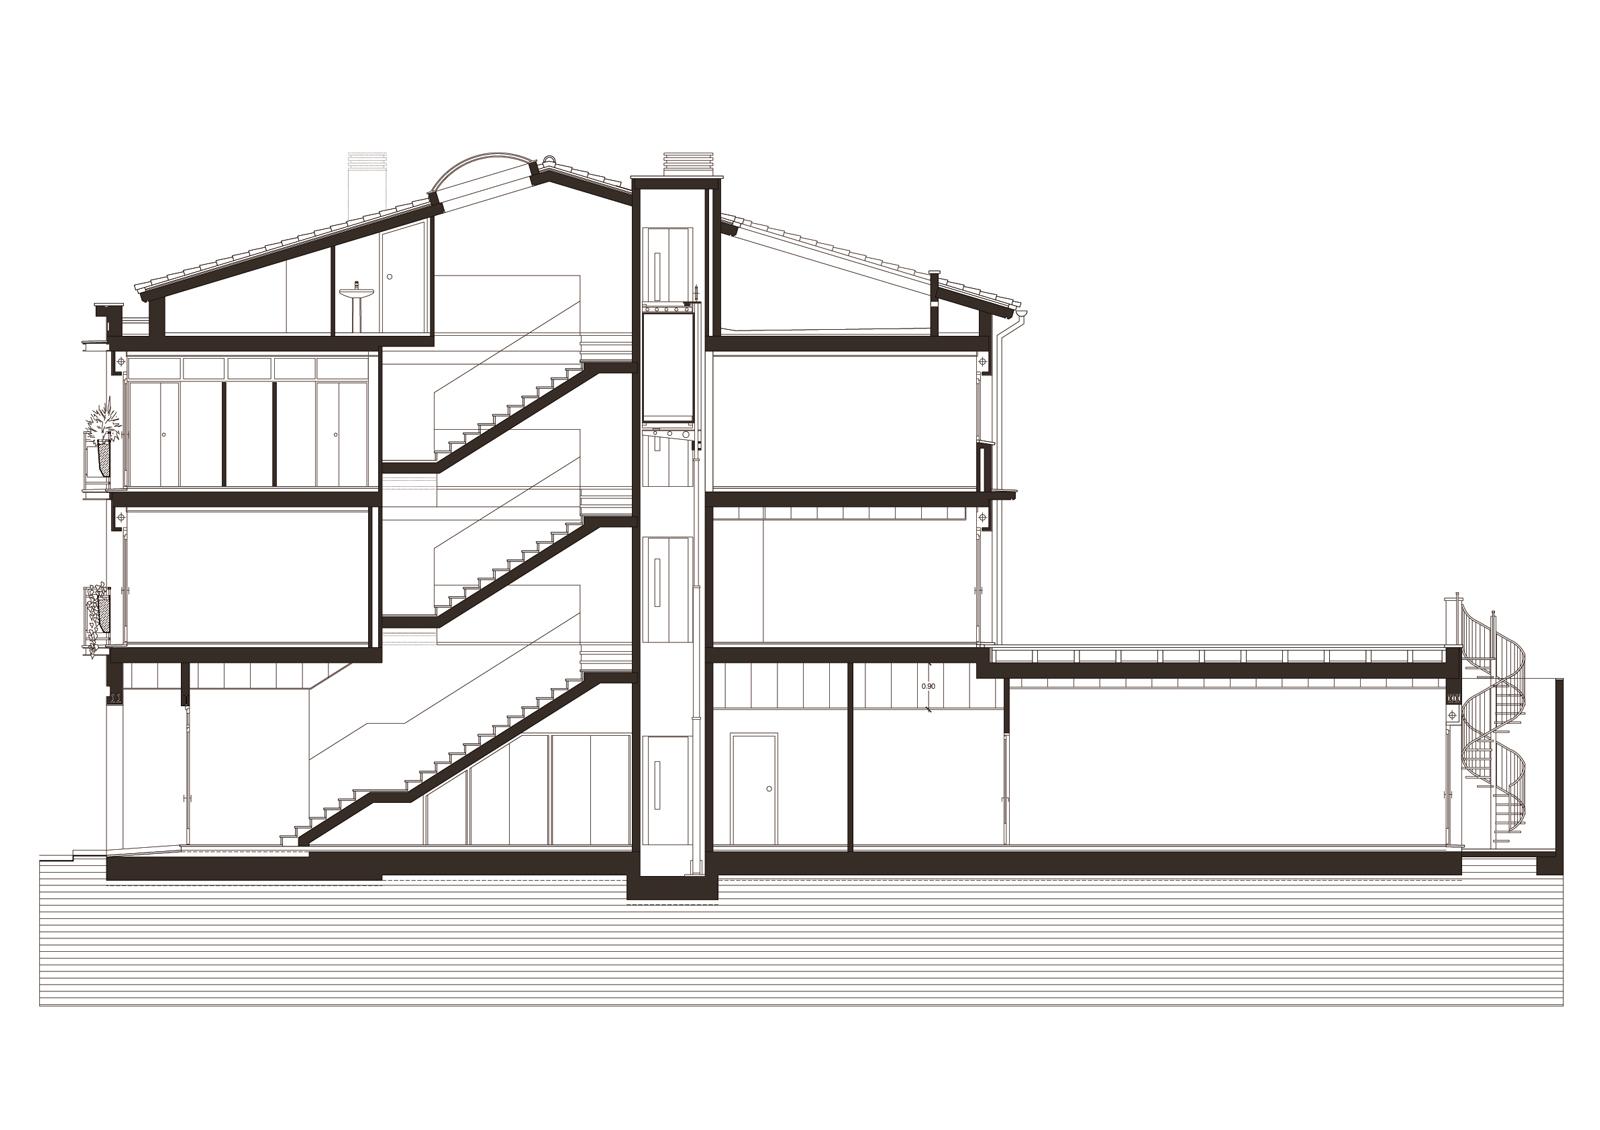 Secció. Projecte d'obra nova: 1998 Habitatge unifamiliar entre mitgeres